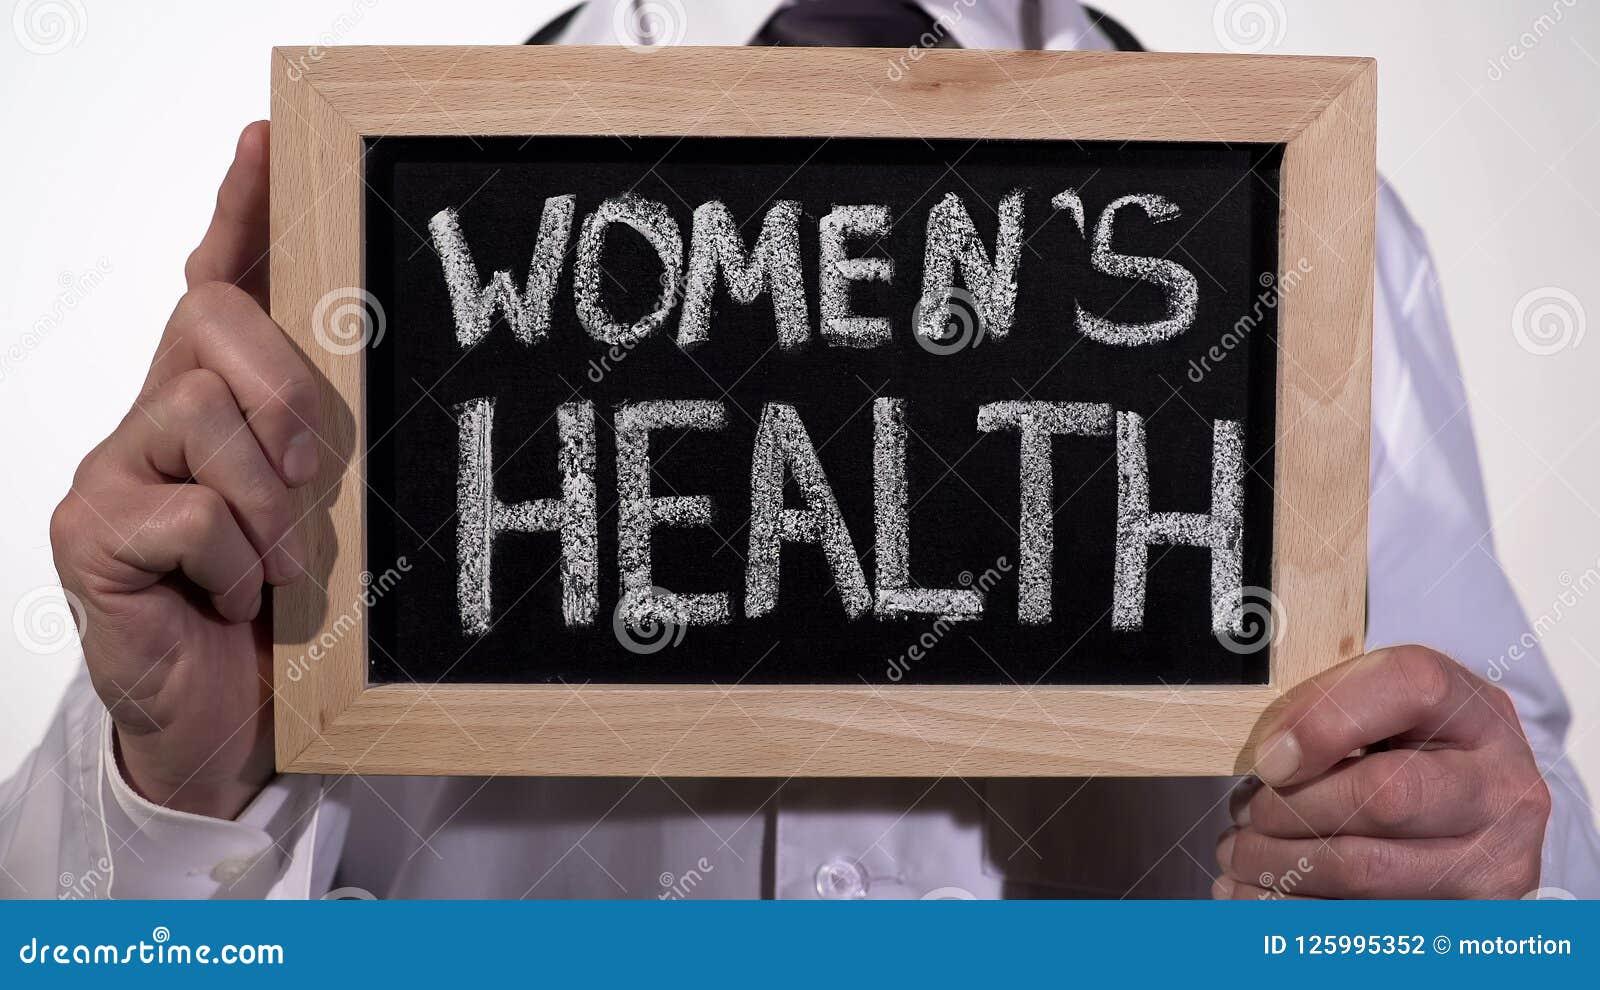 Women health written on blackboard in gynecologist hands, reproductive medicine